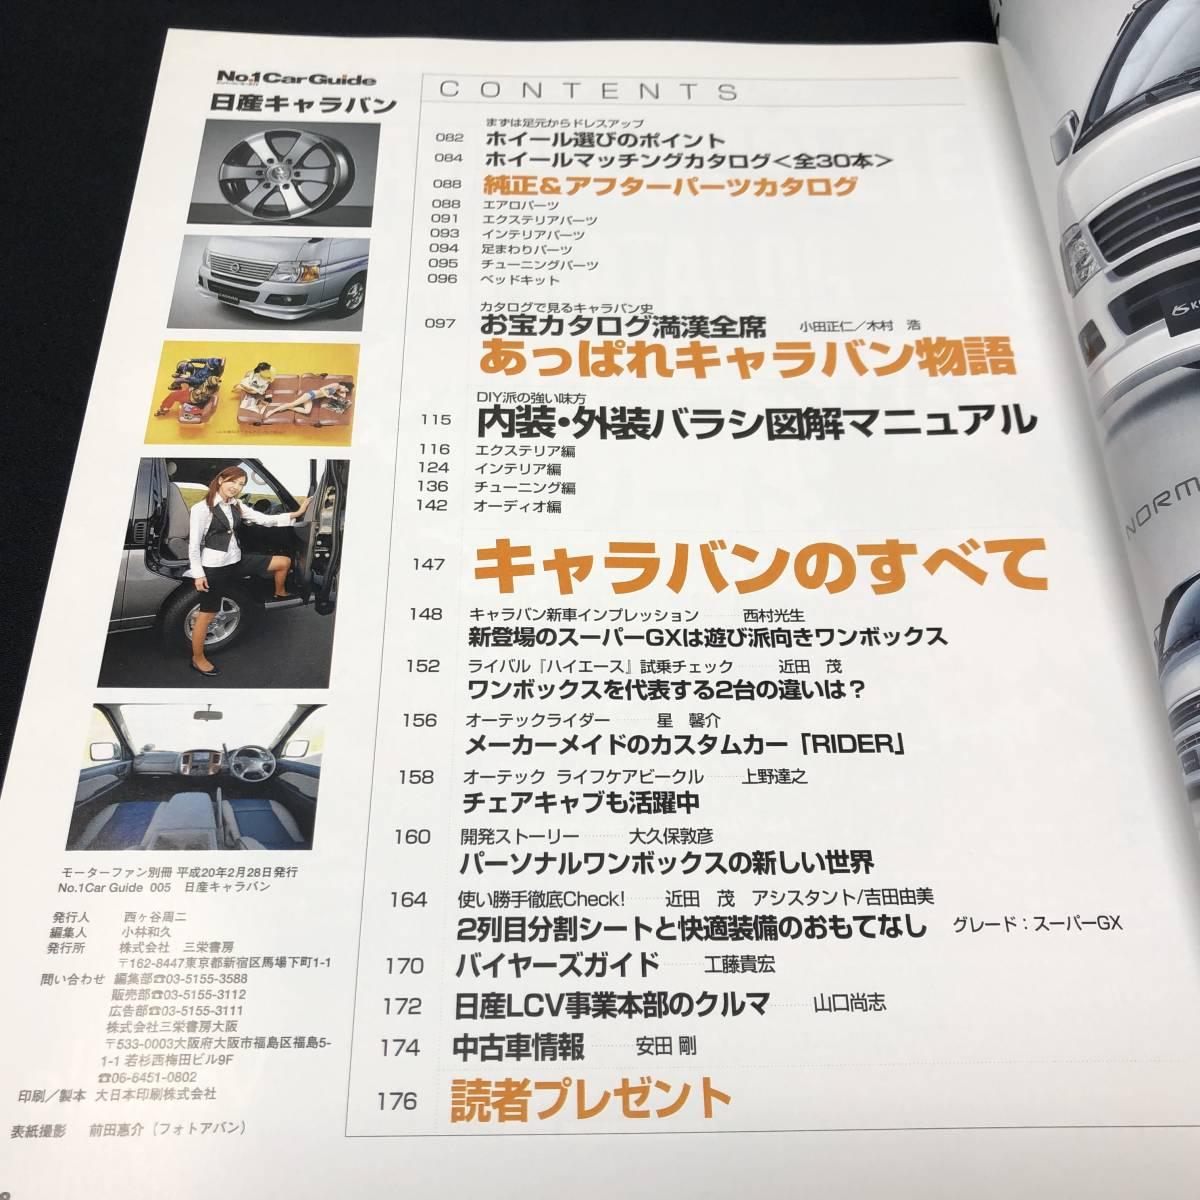 日産キャラバン E25キャラバンの定番メンテナンス&カスタマイズ トランスポーター キャンパー _画像3